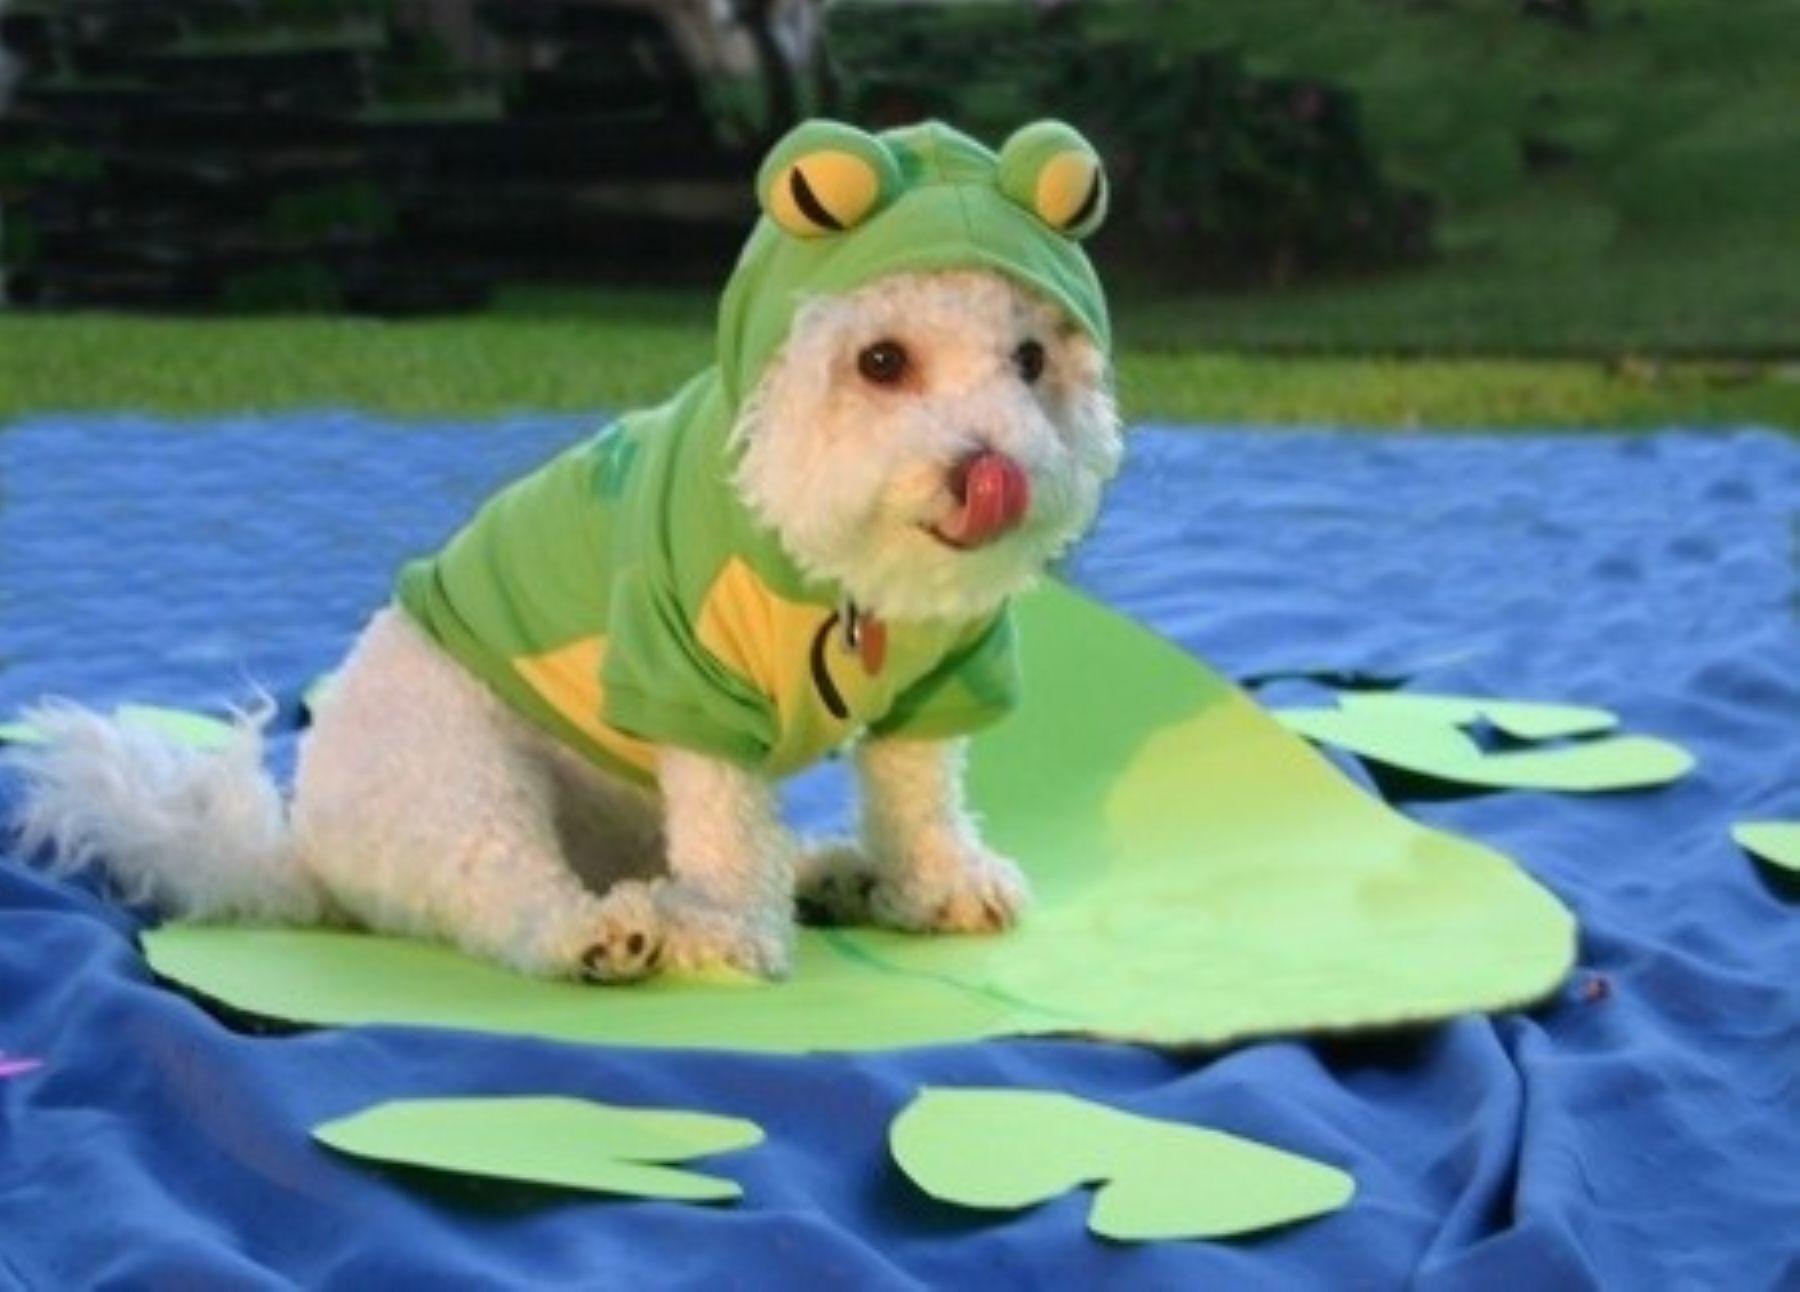 Municipalidad de Jesús María organiza concuros de disfraces para mascotas.